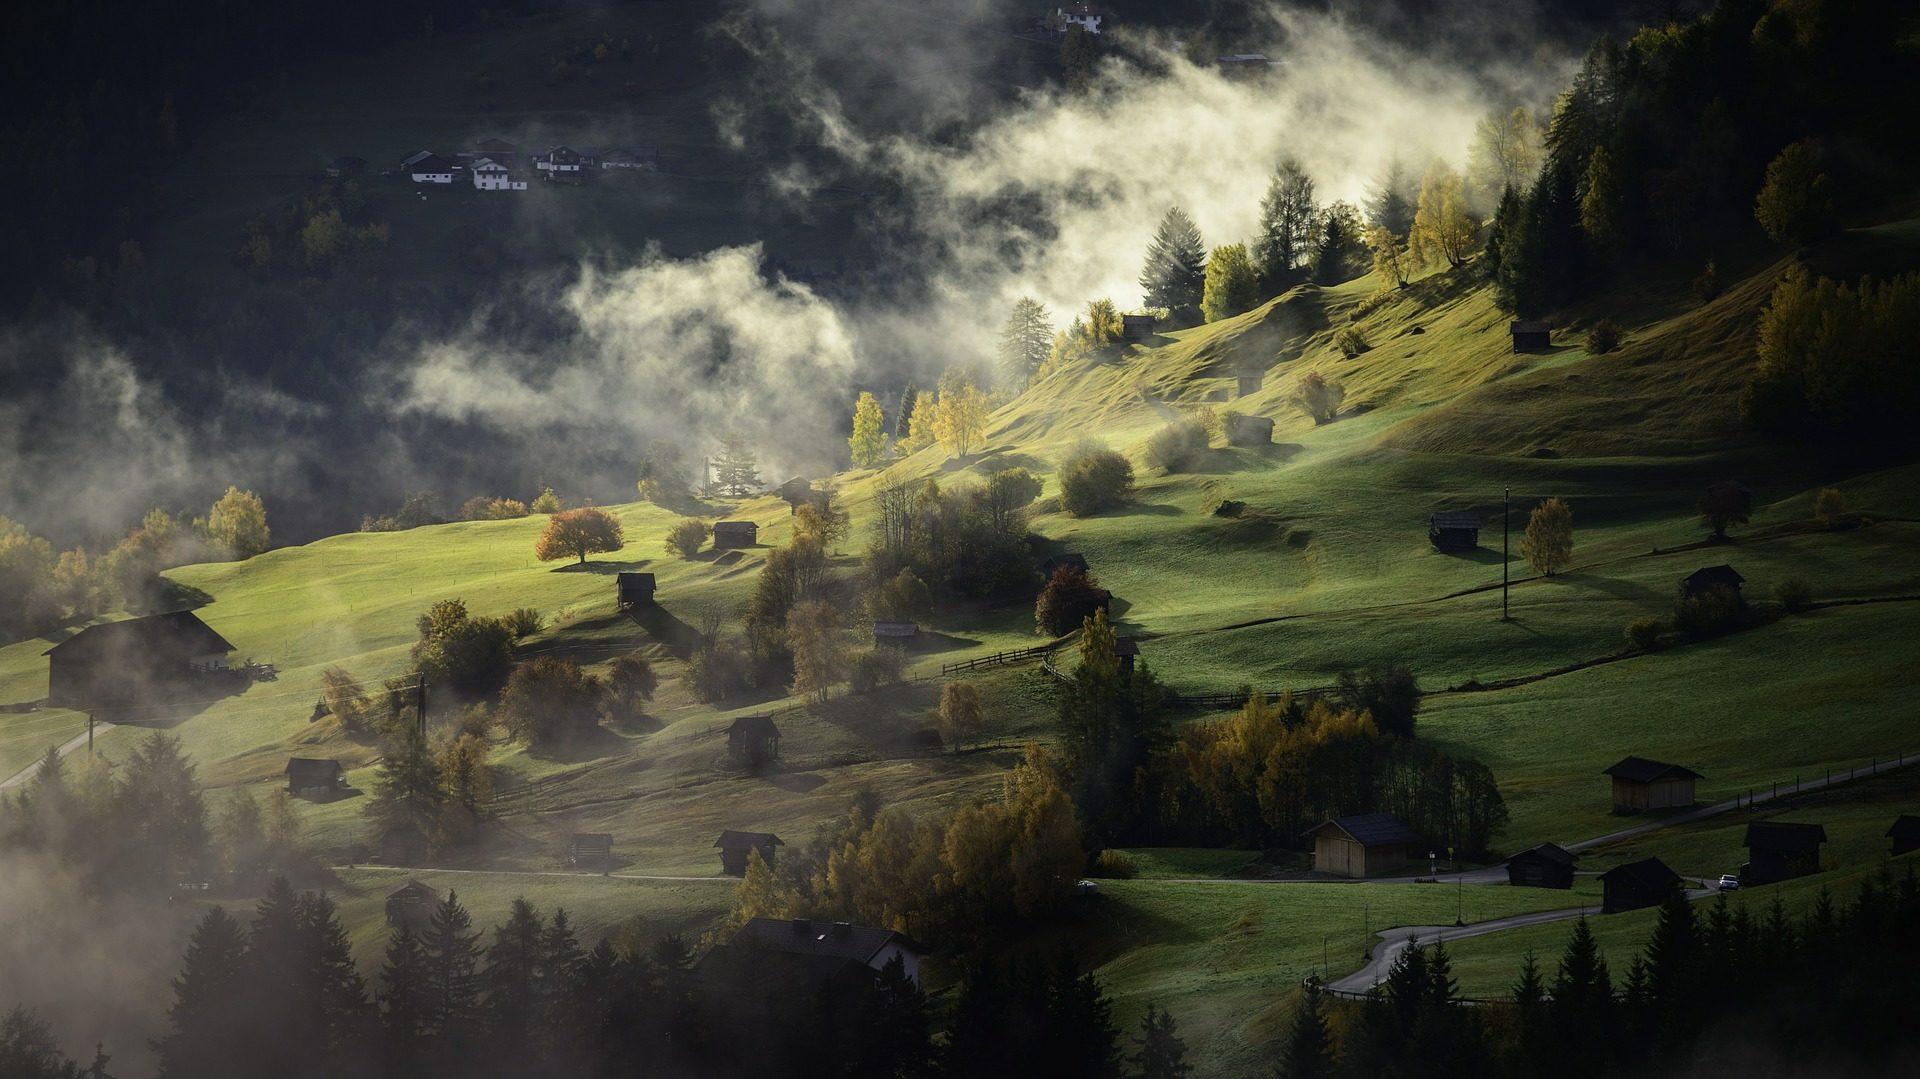 فيلا, قرية, جبل, المرج, ضباب, الظلام - خلفيات عالية الدقة - أستاذ falken.com